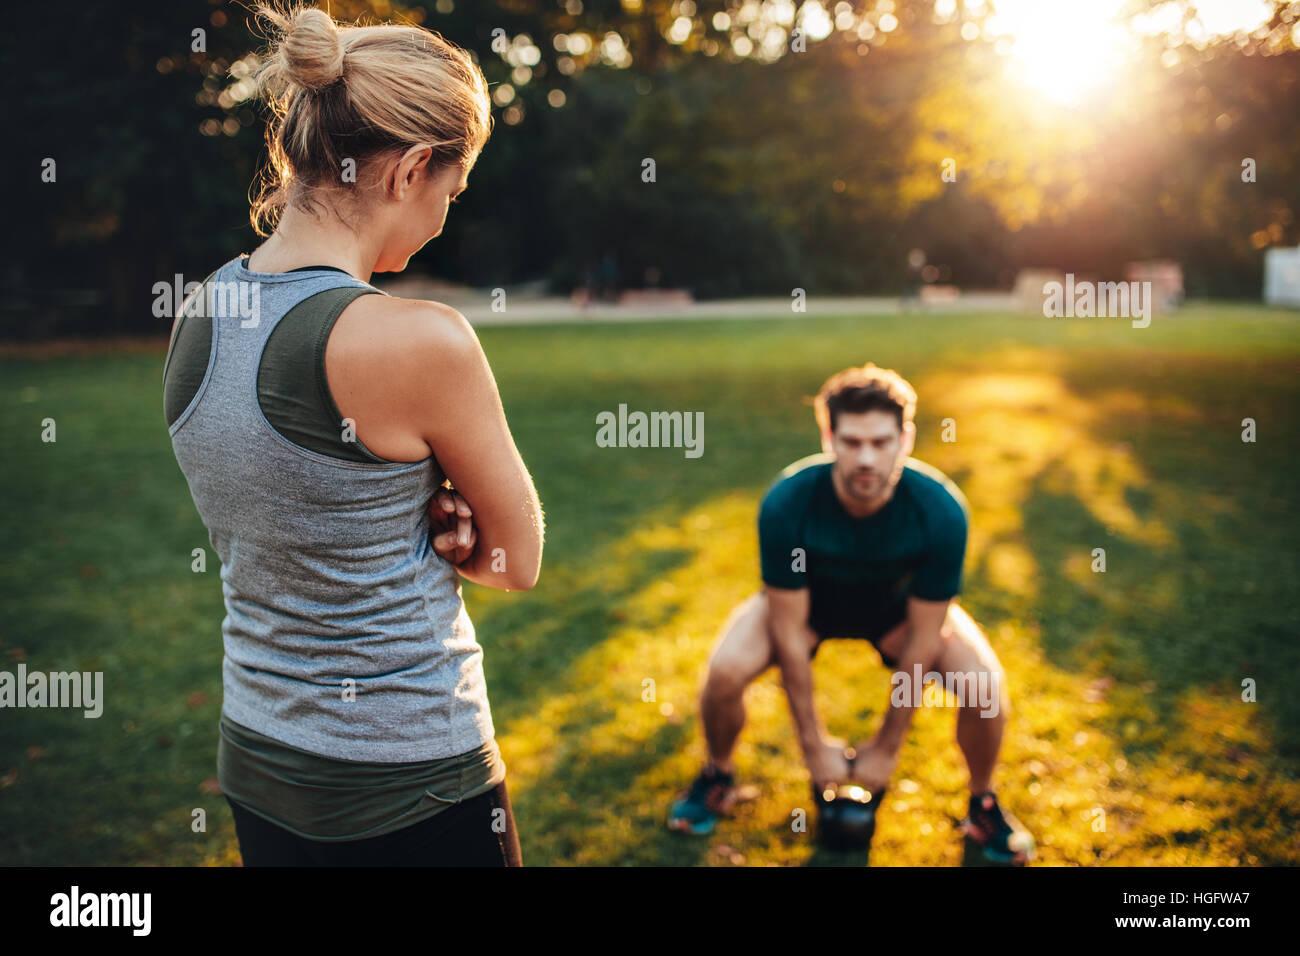 Femme trainer dans le parc et un jeune homme faisant la formation de poids avec kettlebell en arrière-plan. Photo Stock